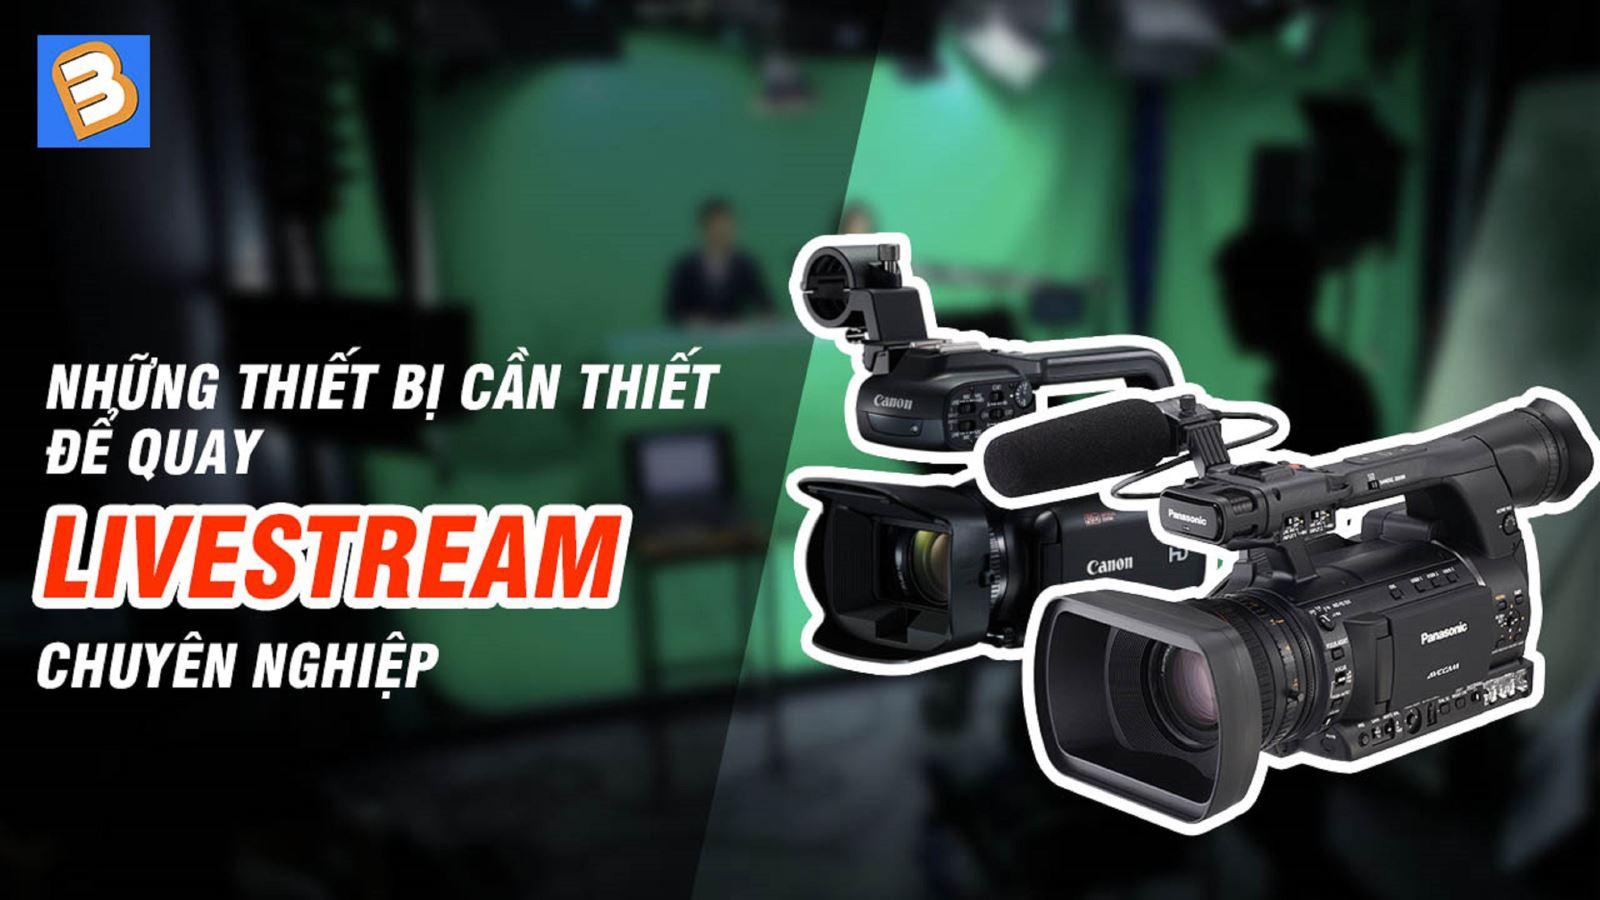 Những thiết bị cần thiết để quay livestream chuyên nghiệp